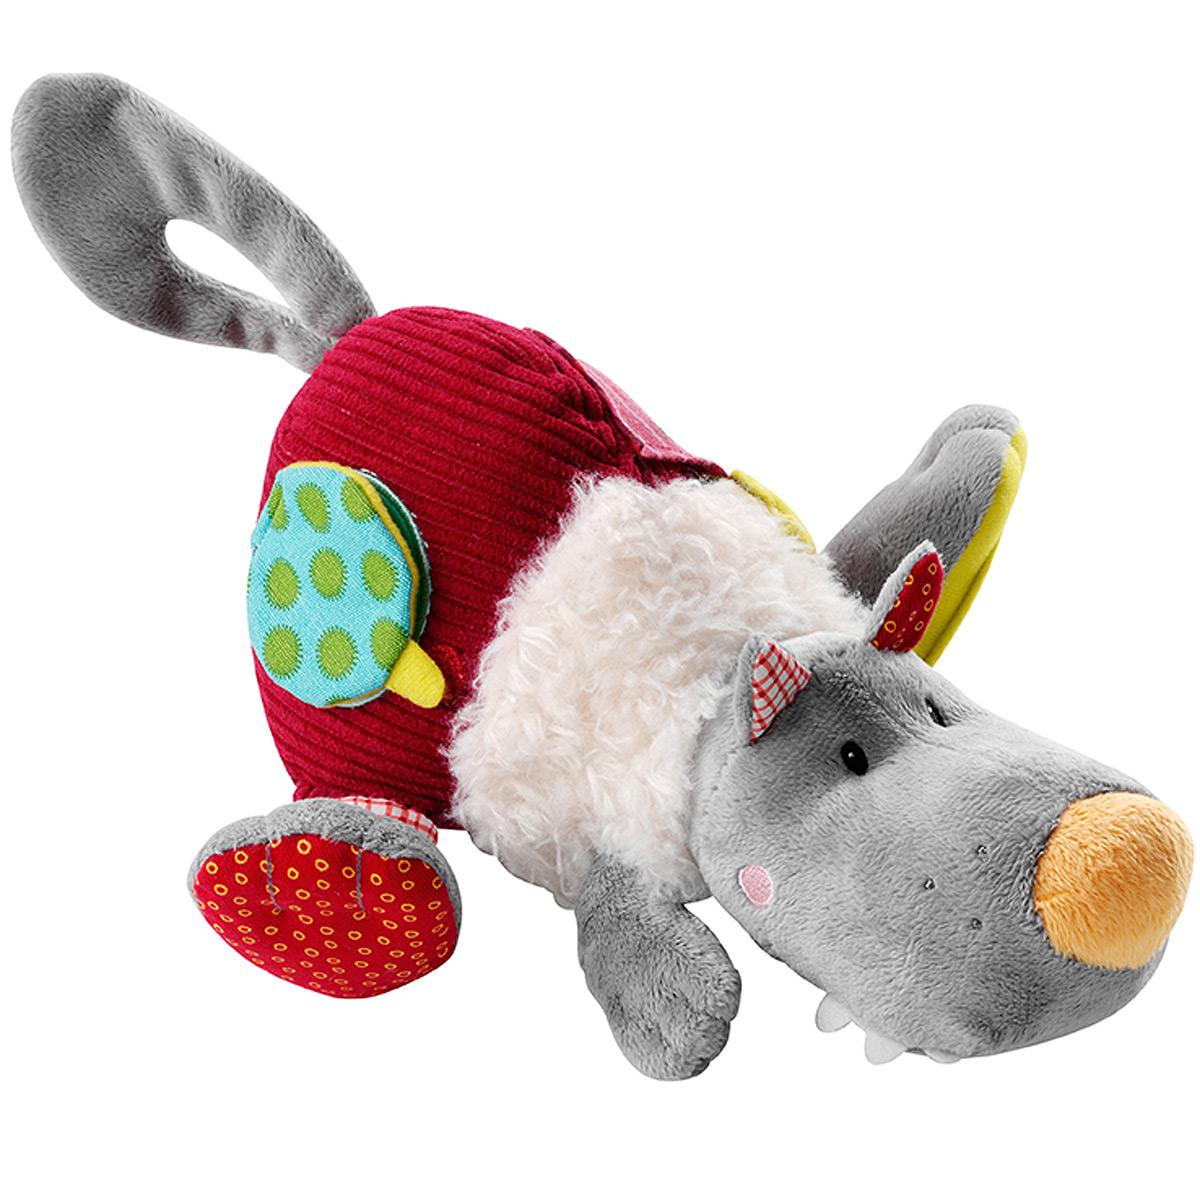 Развивающая игрушка Lilliputiens Волк Николас86523Развивающая игрушка Lilliputiens Волк Николас, выполненная из хлопка разных цветов и фактур, представляет собой симпатичного волка. Его мордашка вышита нитками, в головке спрятана пищалка, а в тельце - погремушка, мелодично звенящая каждый раз, когда малыш трясет игрушку. На задней лапке волка расположено безопасное зеркальце, в другой задней лапке и в хвостике спрятаны шуршащие элементы. На тельце игрушки находятся небольшой кармашек, а также элемент в виде странички на липучке, скрывающий изображение Красной Шапочки и козленка. С помощью петельки на липучке игрушку можно прикрепить к коляске, кроватке, автокреслу или игровой дуге ребенка. Также к петельке можно подвесить пустышку. Игрушка Lilliputiens Волк Николас поможет малышу развить тактильное, звуковое и цветовое восприятия, координацию движений и мелкую моторику рук с самого рождения.